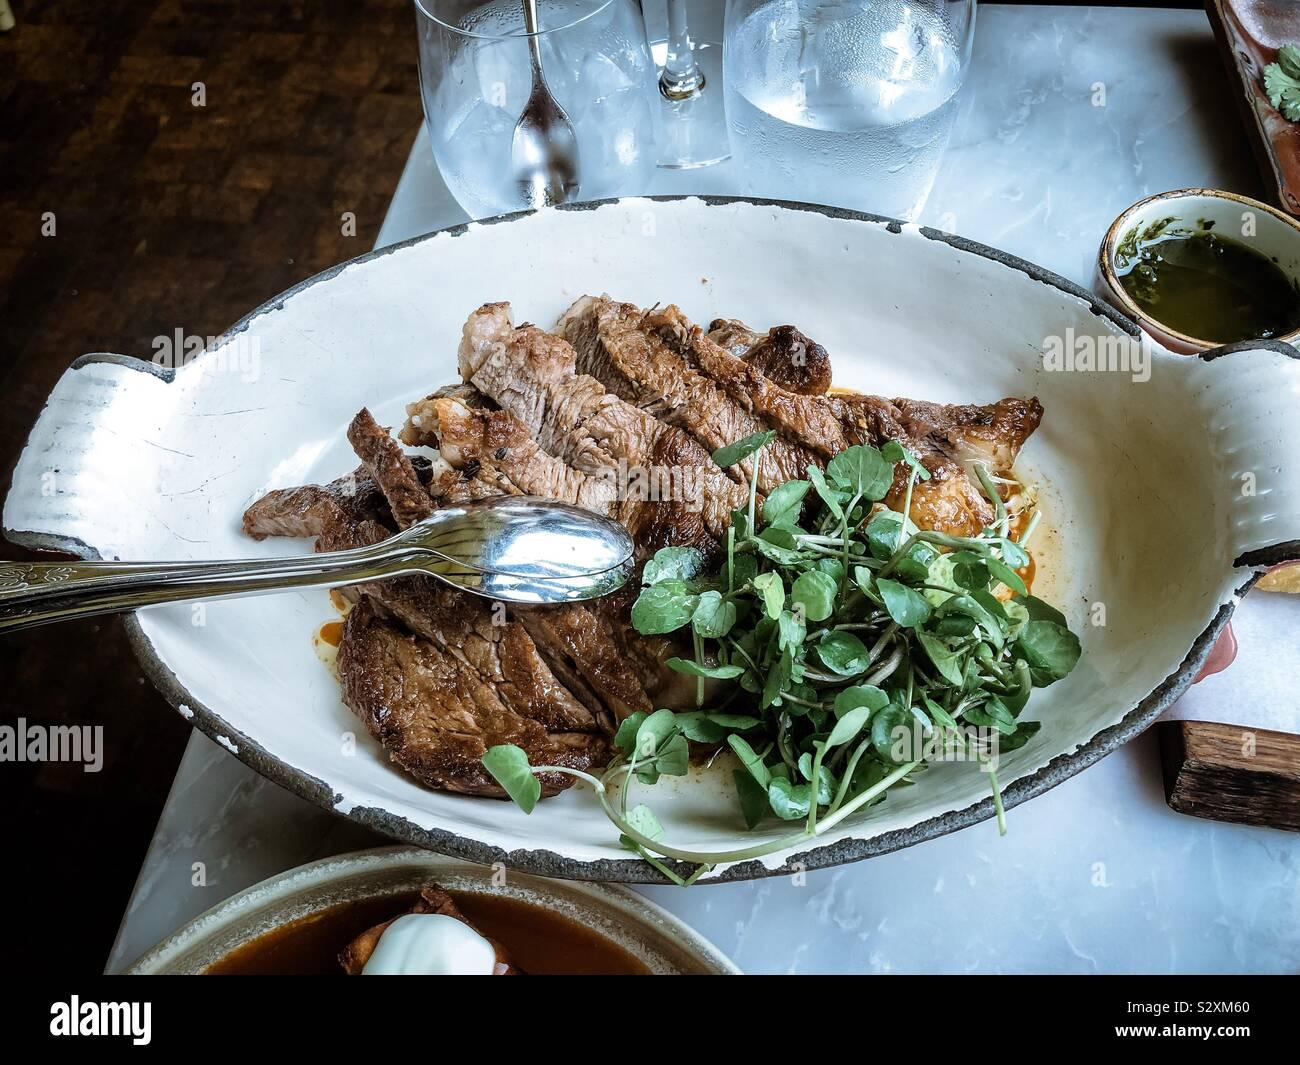 Ribeye Steak Geburtstag Mahlzeit an Ente und Waffeln Stockfoto